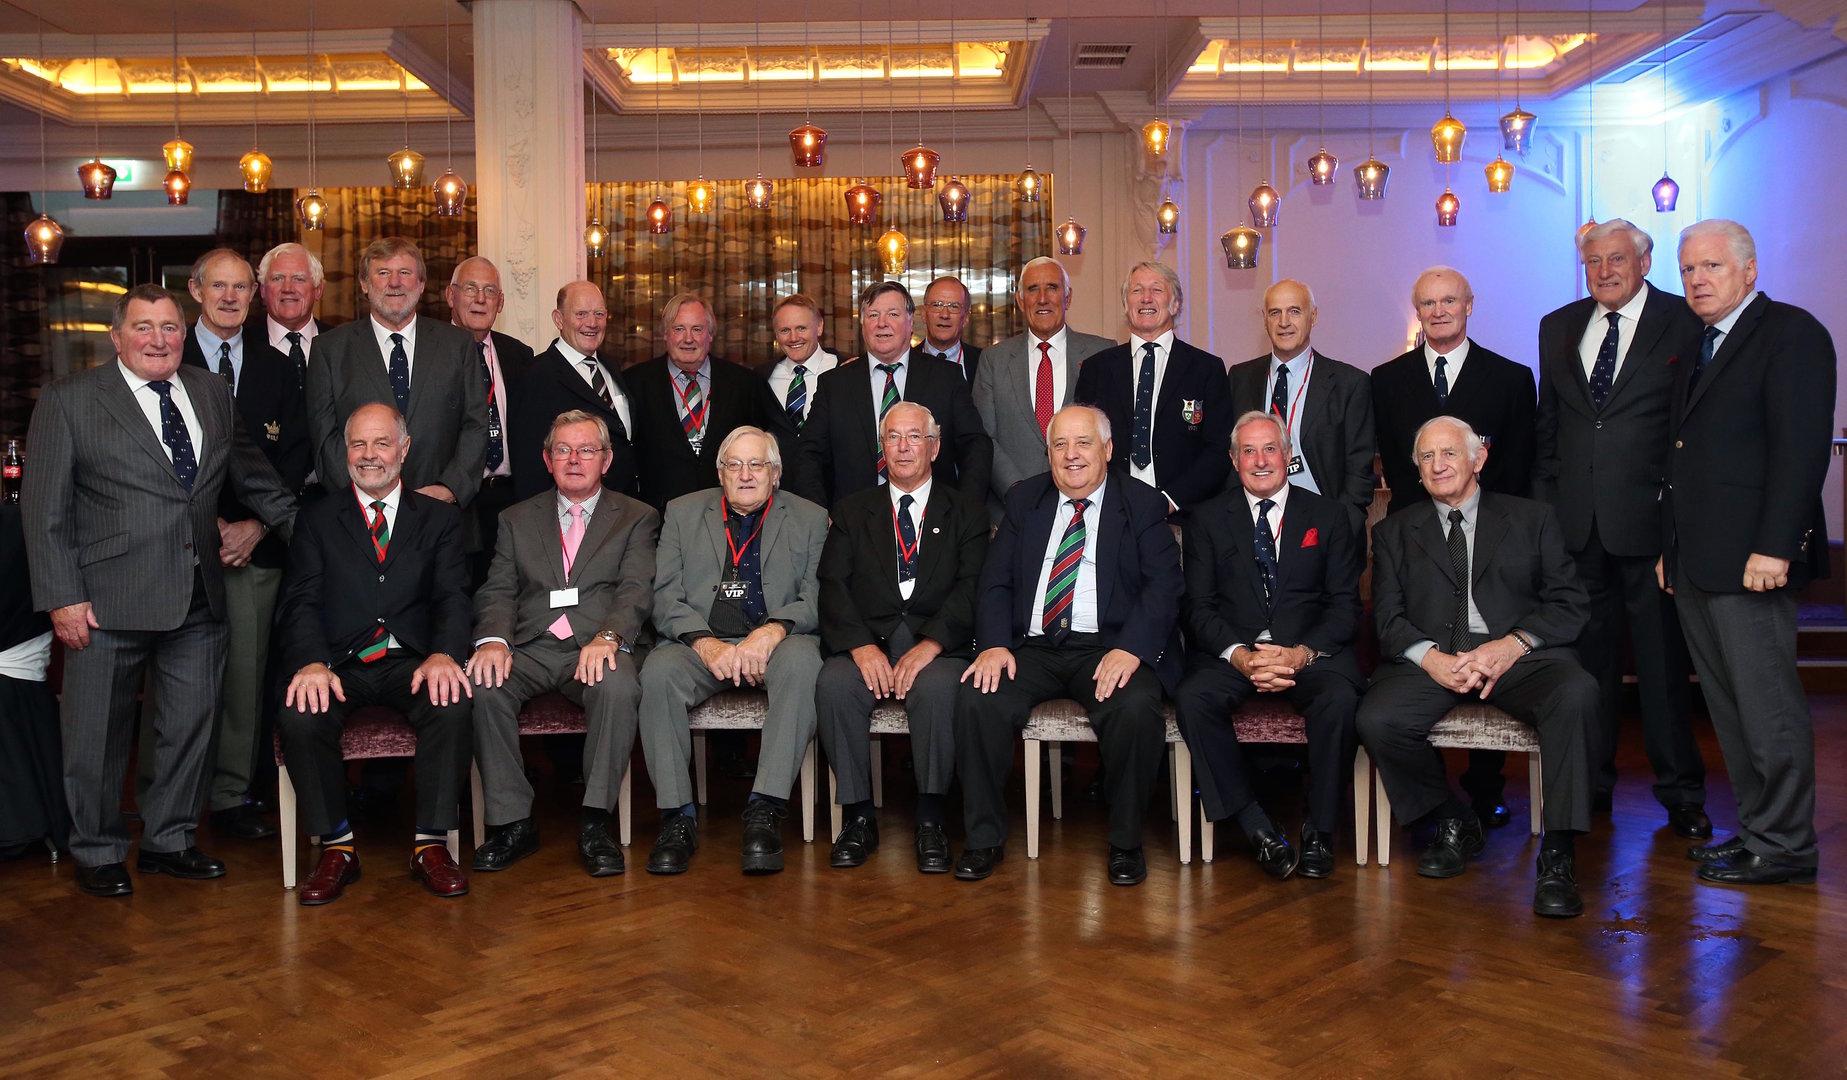 British & Irish Lions captains: John Dawes